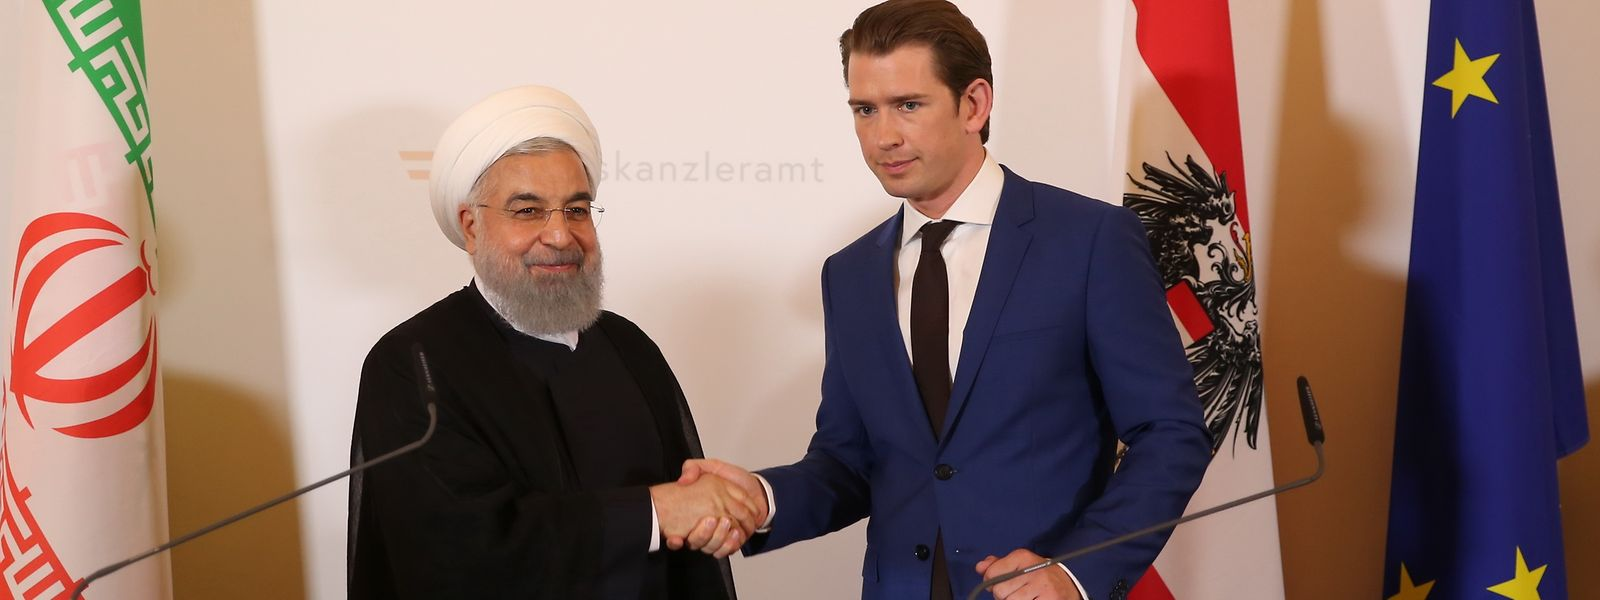 Hassan Ruhani (l), Präsident des Iran, schüttelt die Hand vonSebastian Kurz (r),Bundeskanzler vonÖsterreich, nach einer gemeinsamen Presseerklärung in der Wiener Bundeskanzlei.